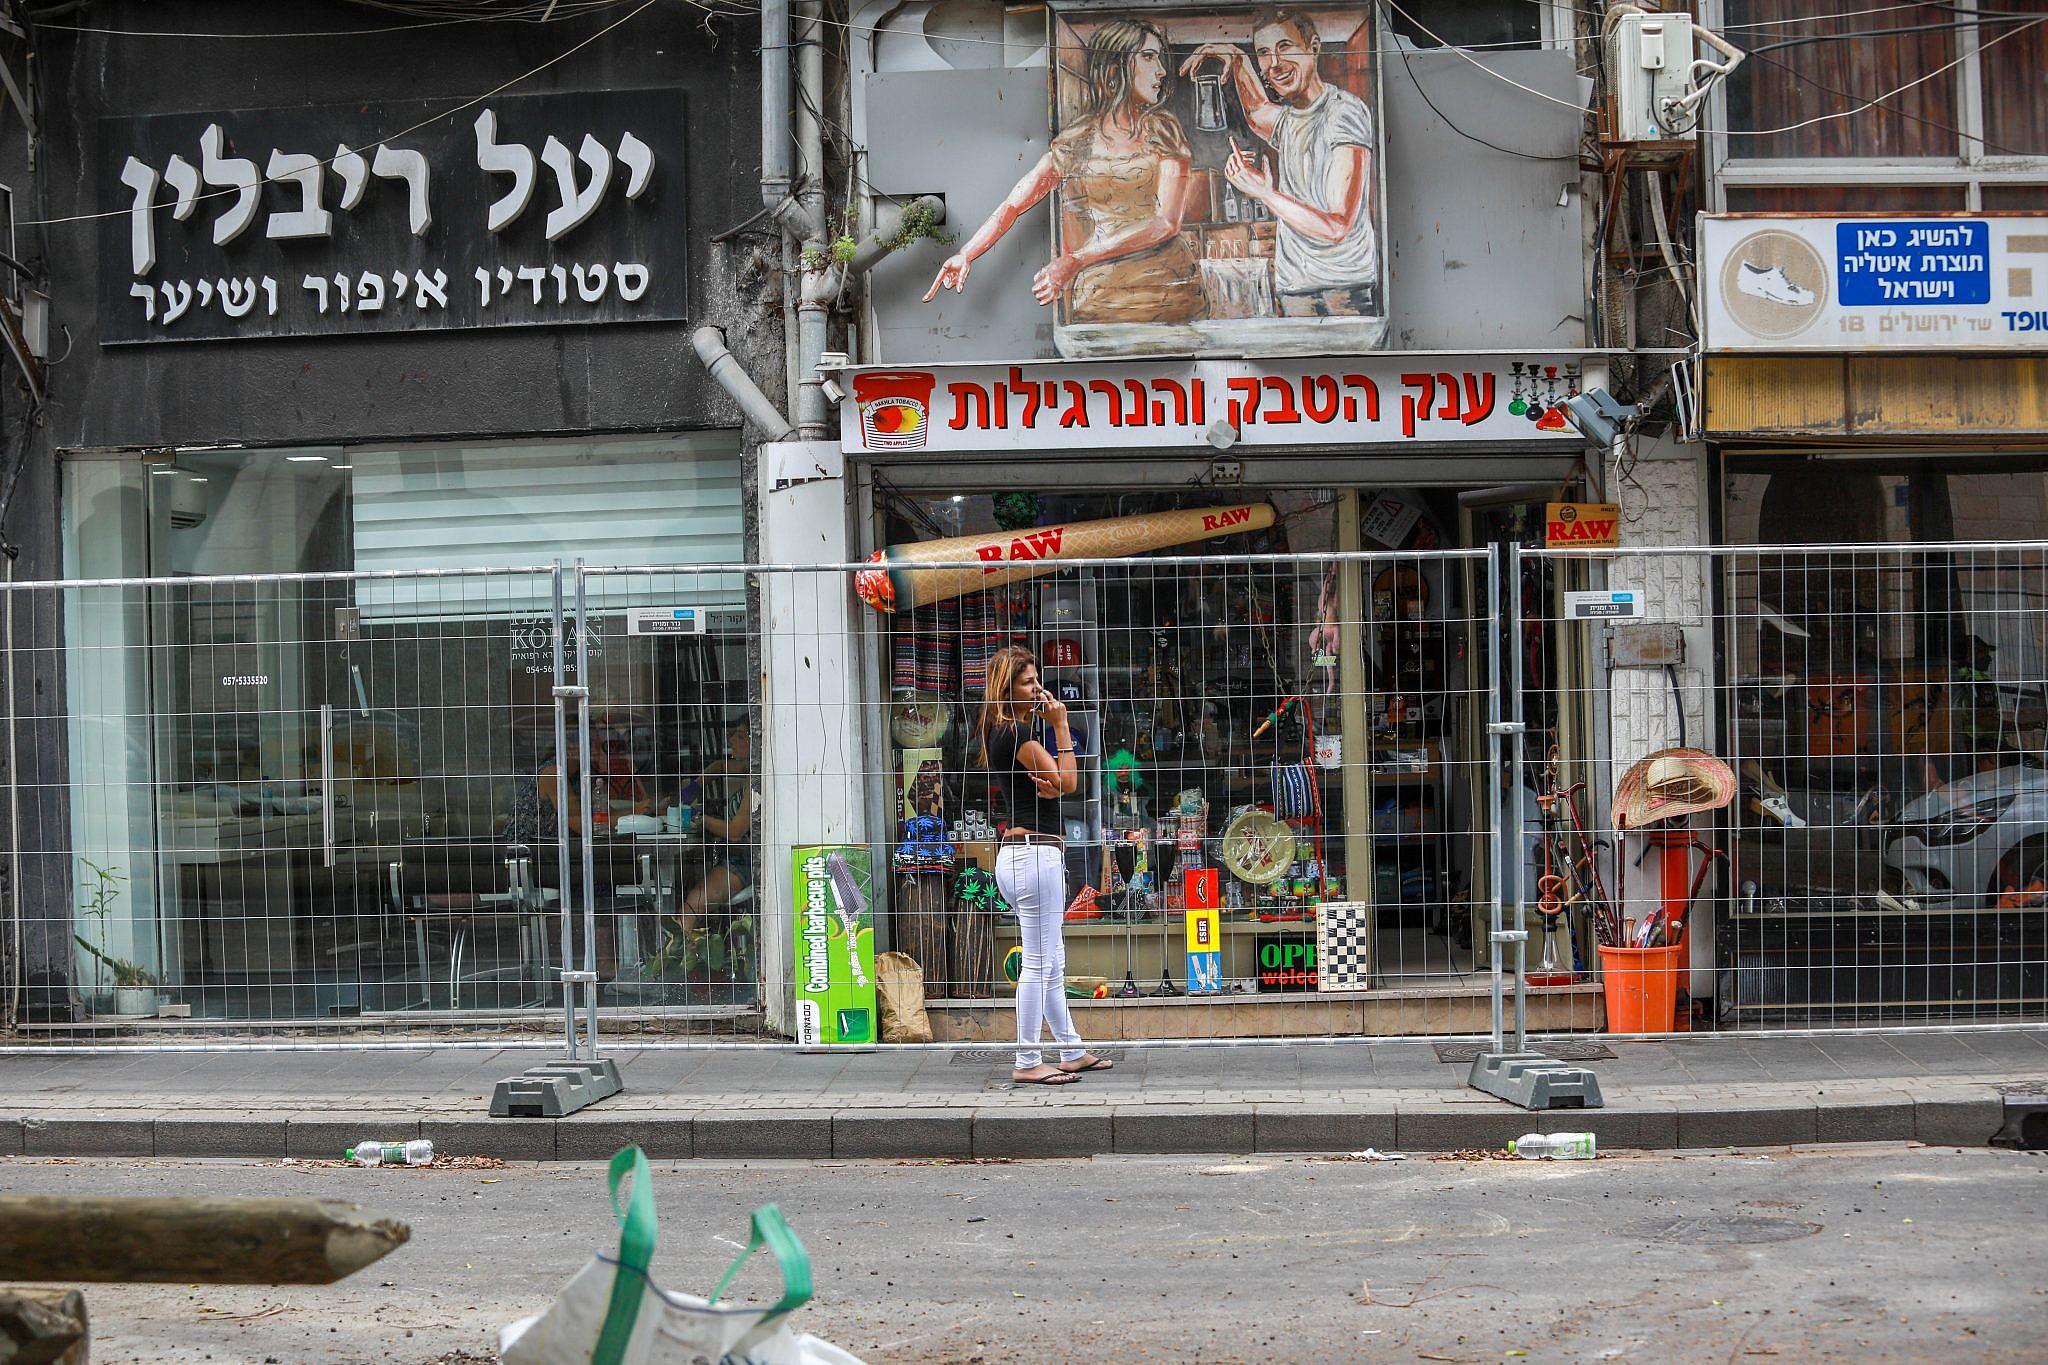 מתי היפואית מגיעה? אין לדעת. שדרות ירושלים (צילום: שלומי יוסף)